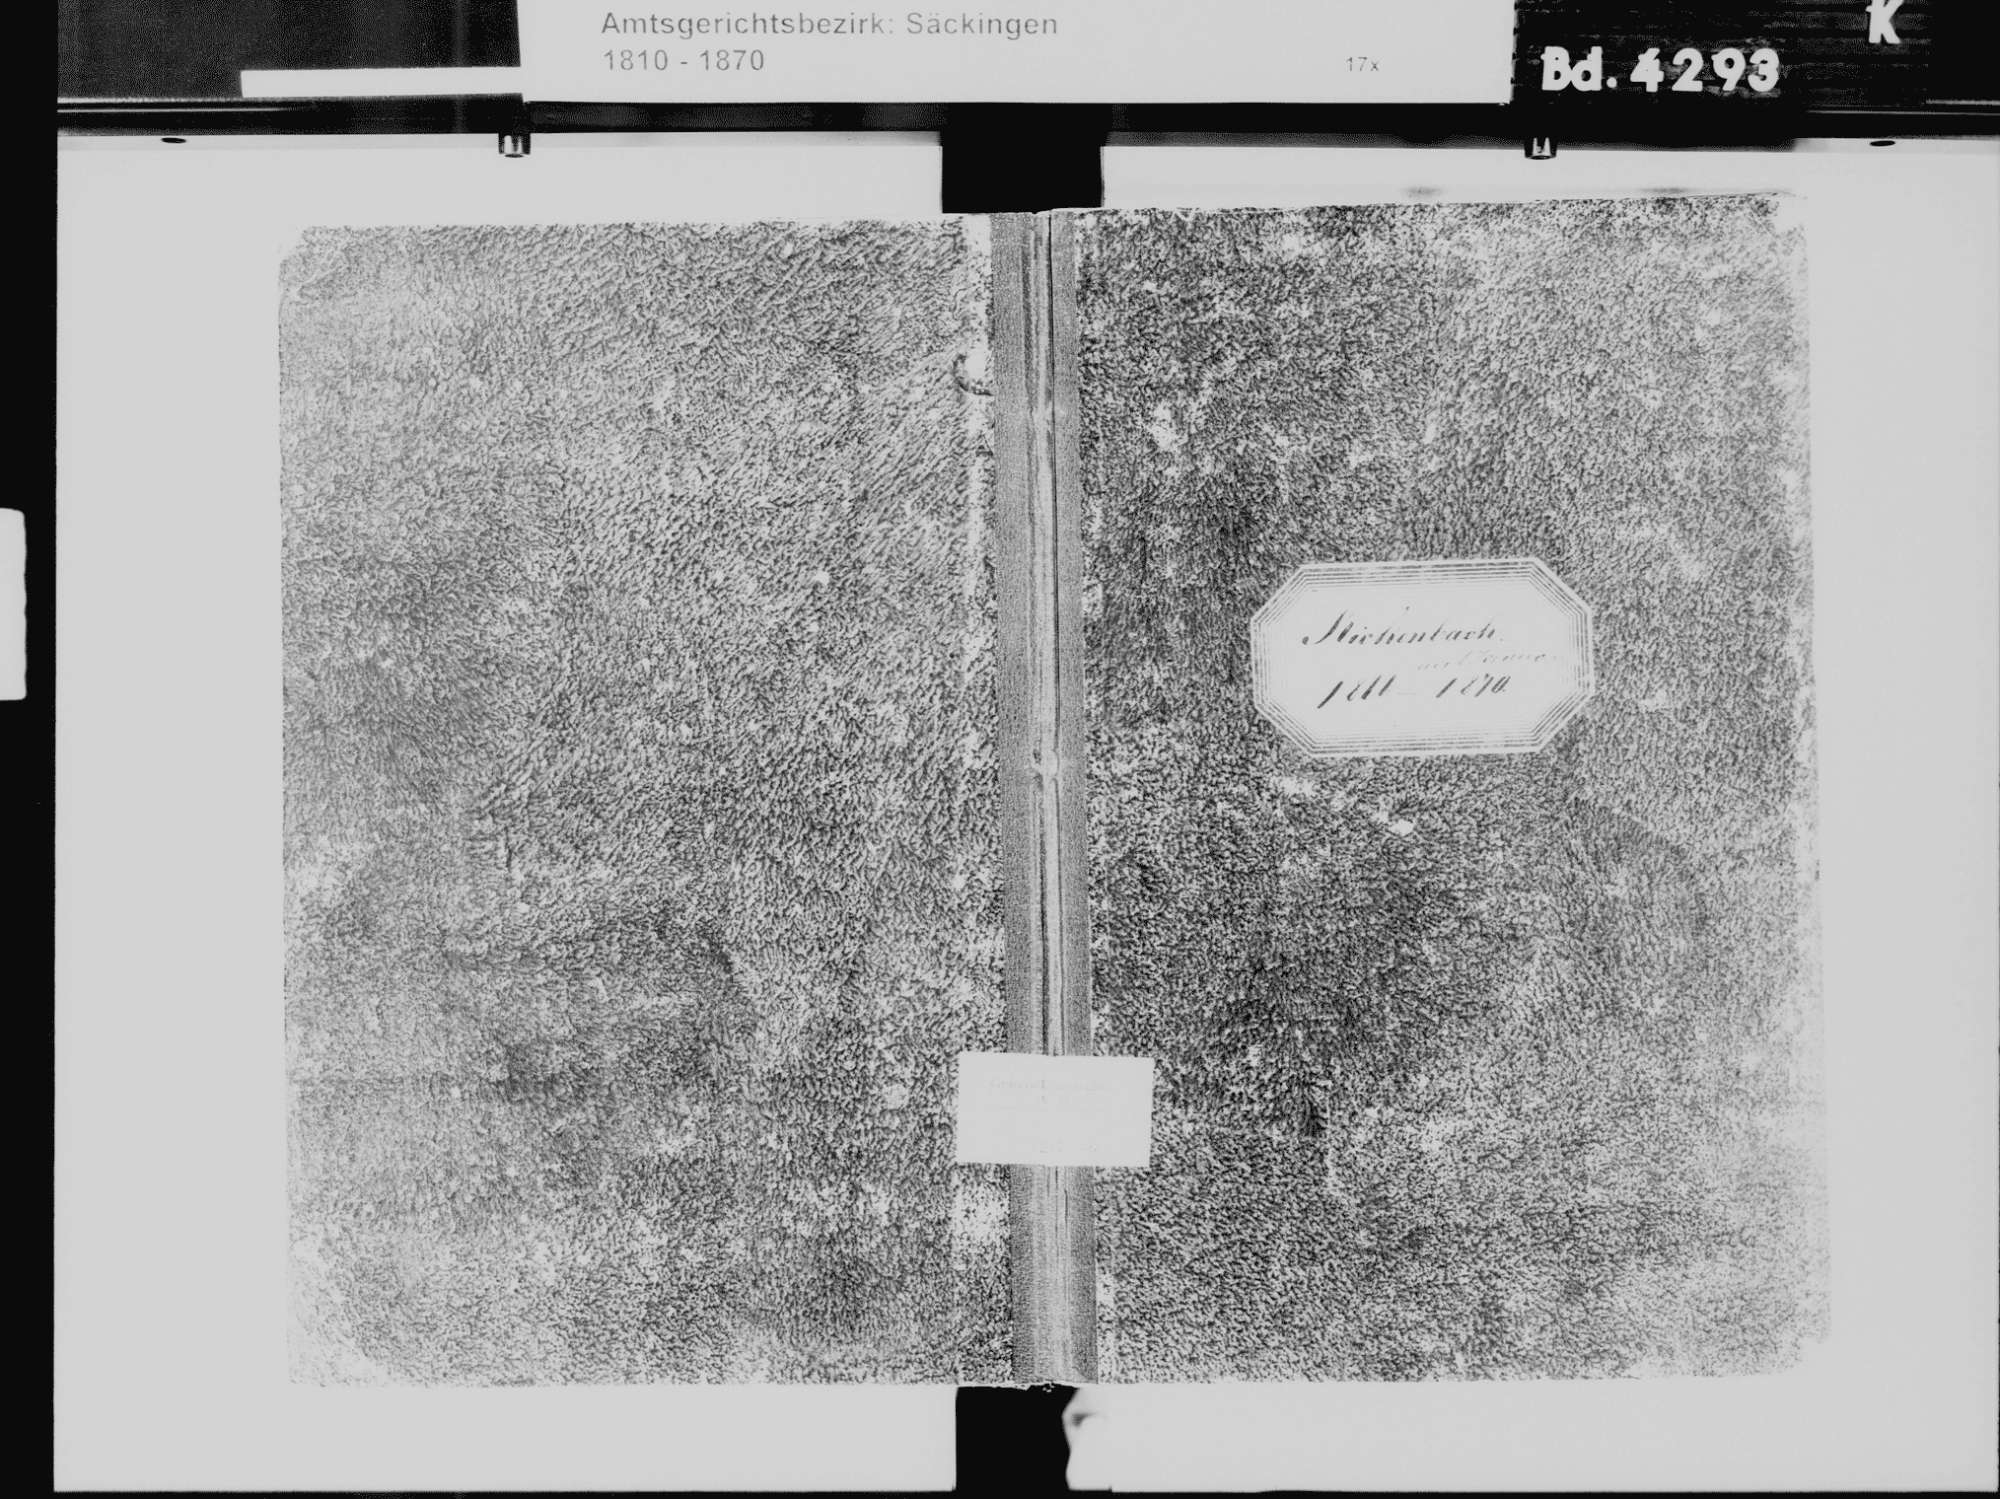 Rickenbach WT; Katholische Gemeinde: Sterbebuch 1866-1870, Bild 2